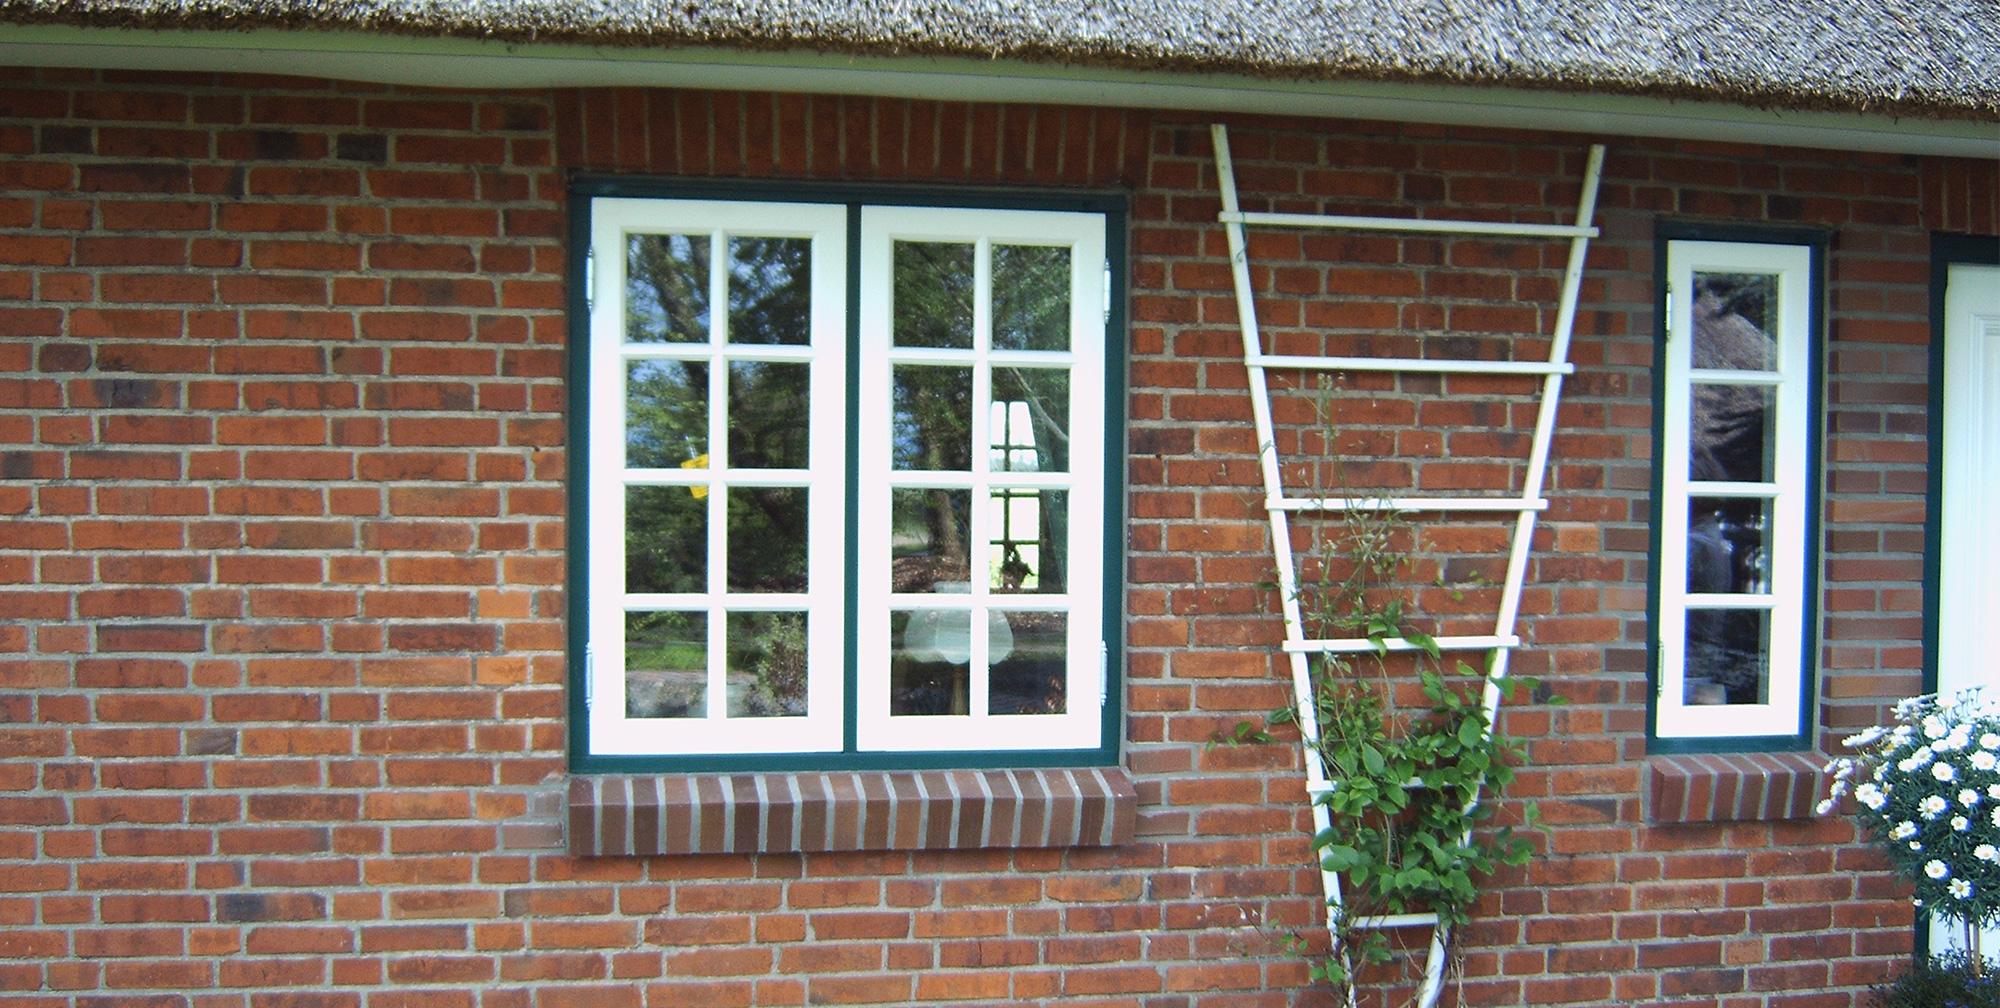 Full Size of Dänische Fenster Sichern Gegen Einbruch Günstig Kaufen Schallschutz Alarmanlage Rahmenlose In Polen Sonnenschutz Herne Rollos Einbruchsicherung Mit Fenster Dänische Fenster